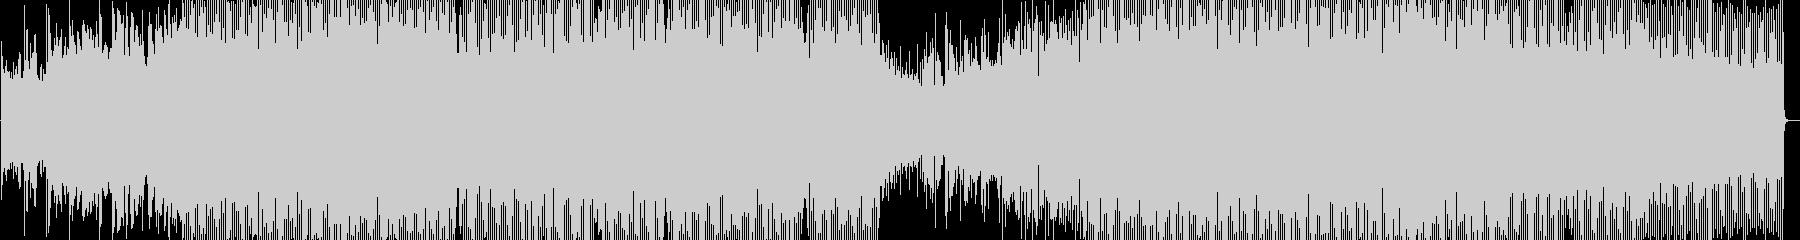 メロディック、スケール、アルペジオ...の未再生の波形